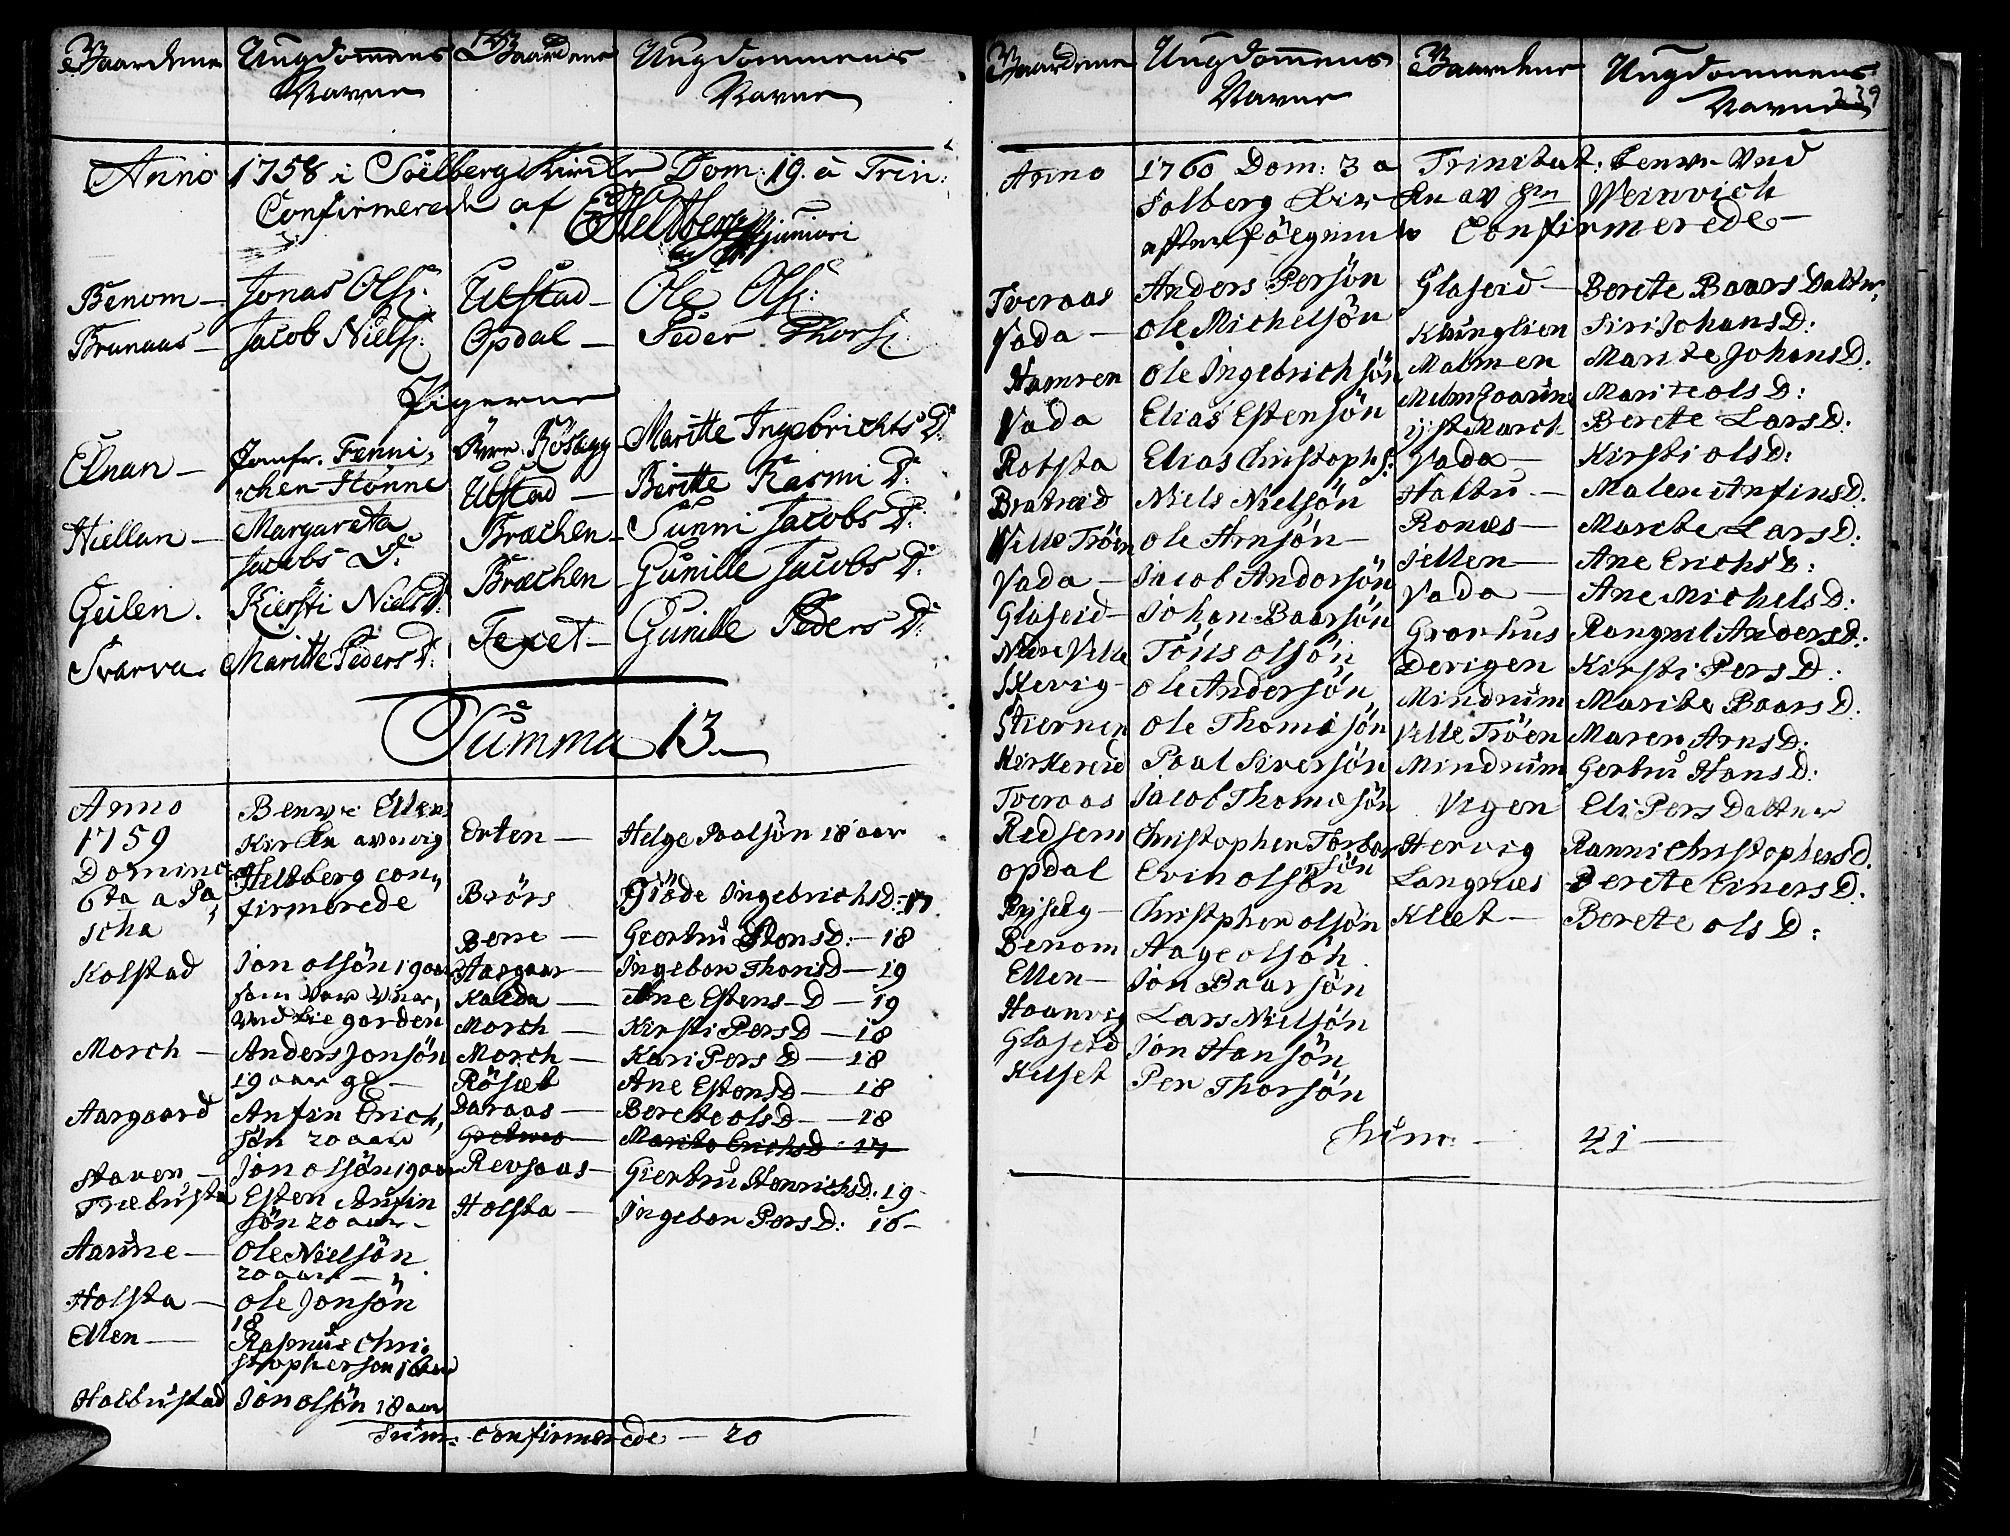 SAT, Ministerialprotokoller, klokkerbøker og fødselsregistre - Nord-Trøndelag, 741/L0385: Ministerialbok nr. 741A01, 1722-1815, s. 239